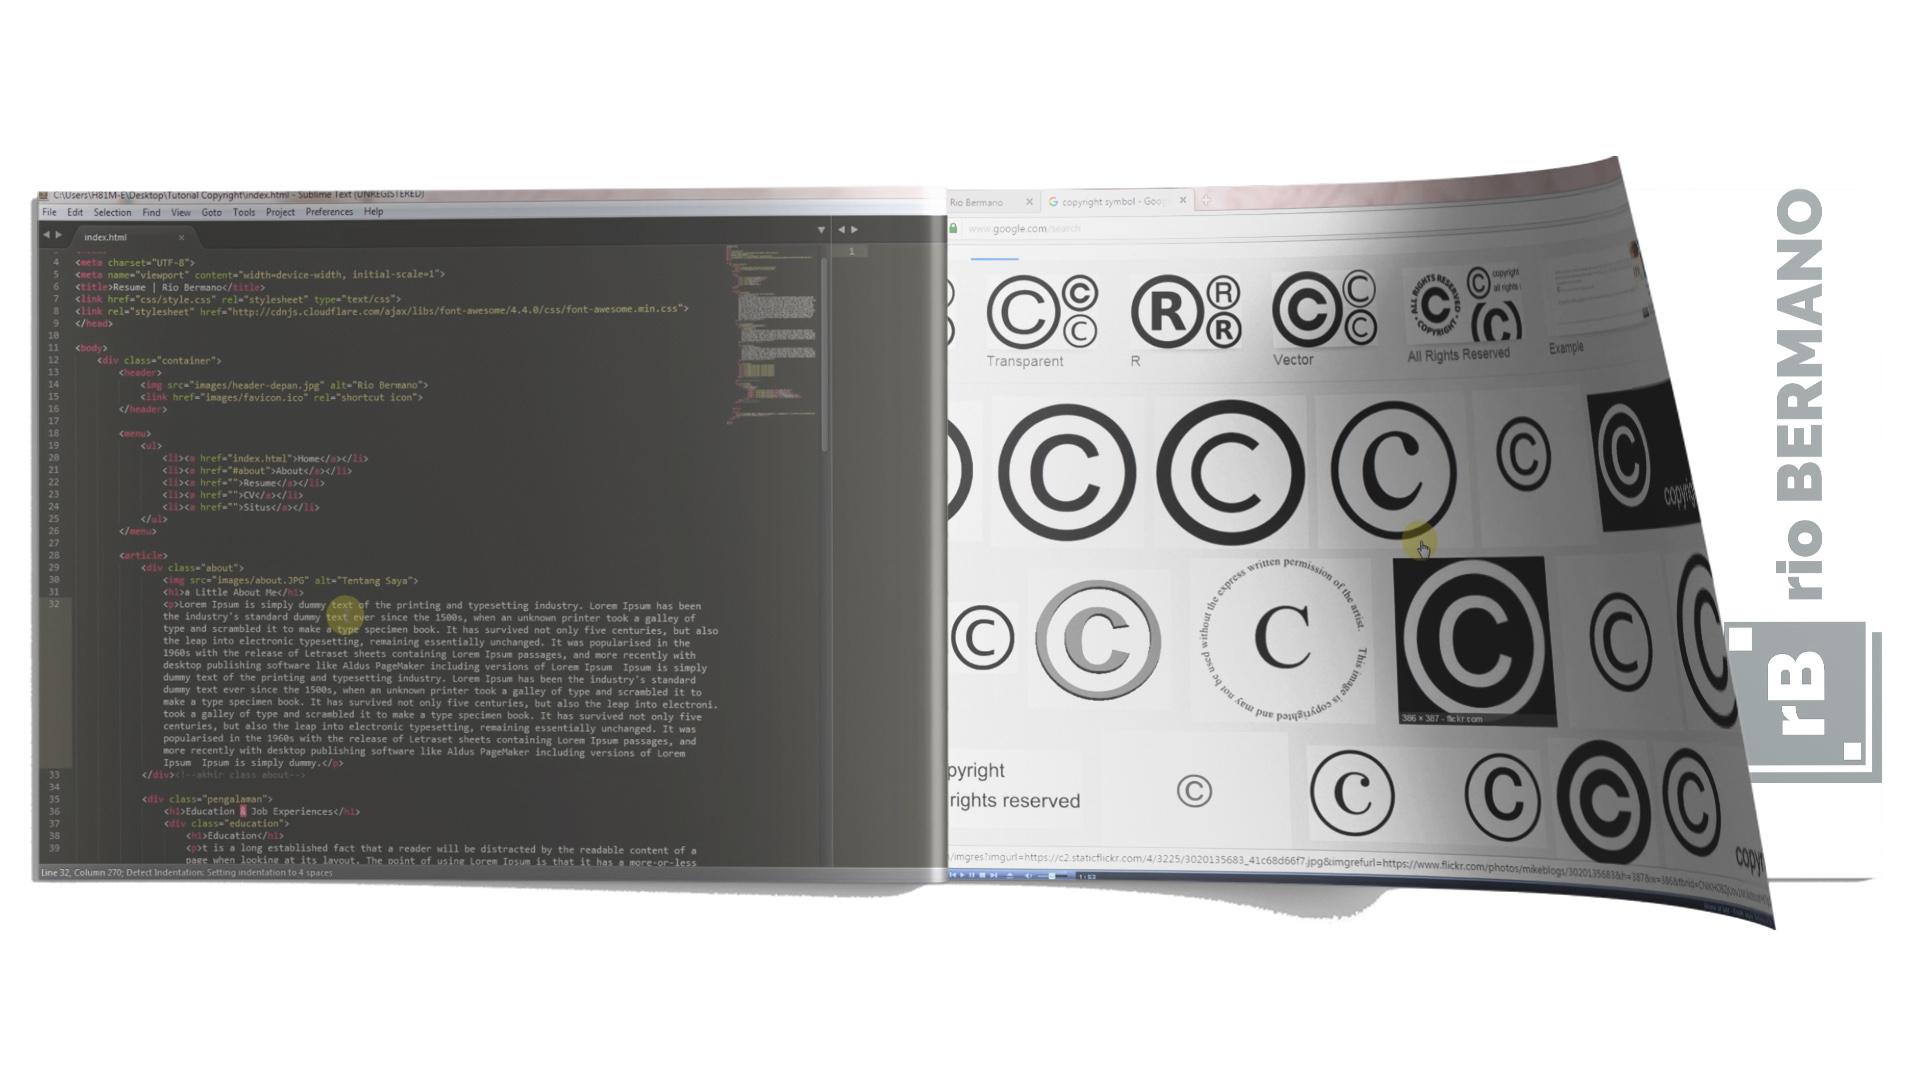 cara membuat simbol copyright di html - rio bermano